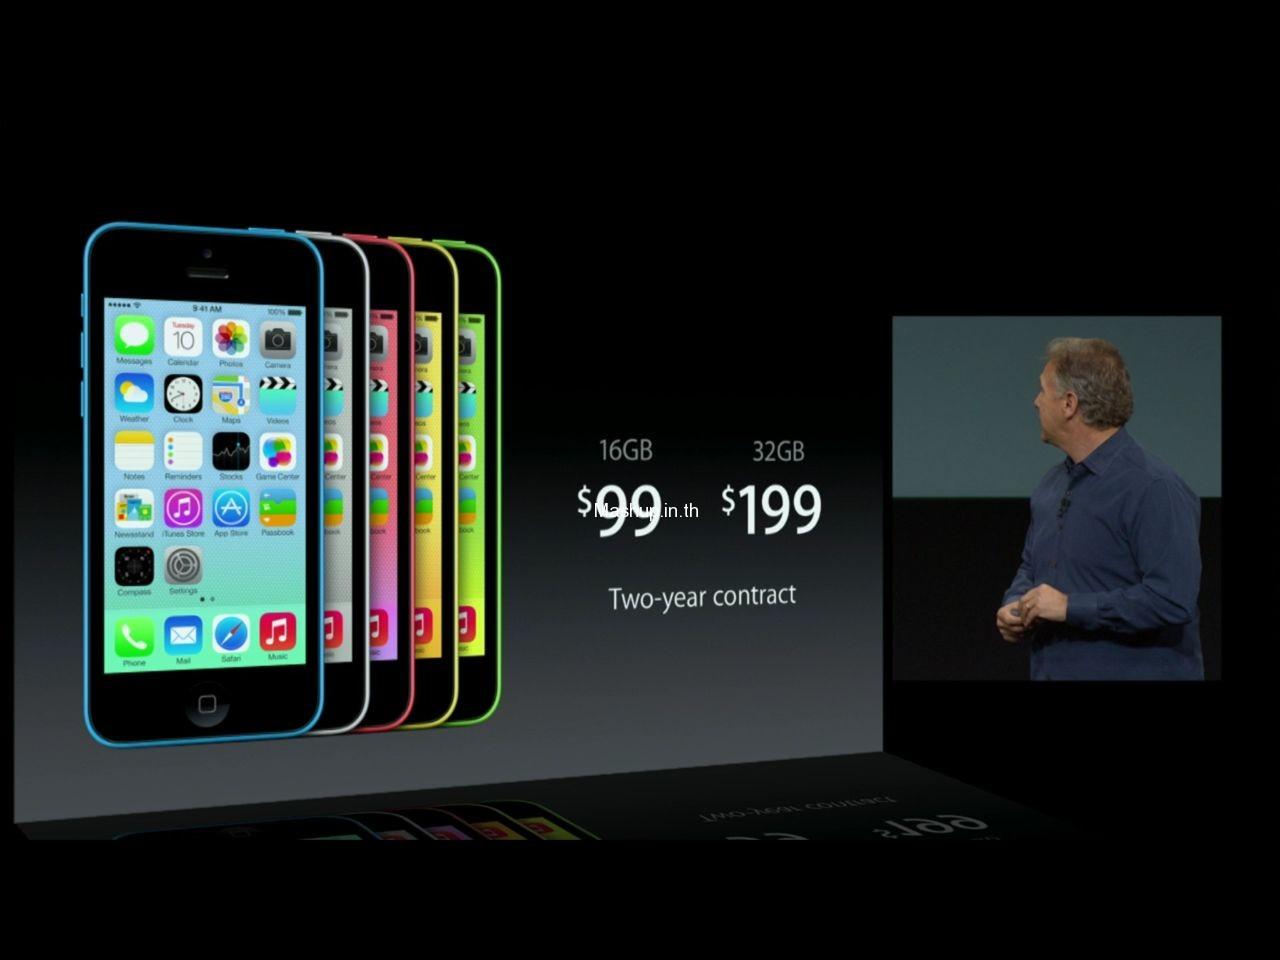 ราคา iPhone 5C แบบติดสัญญา ถูกมากๆ